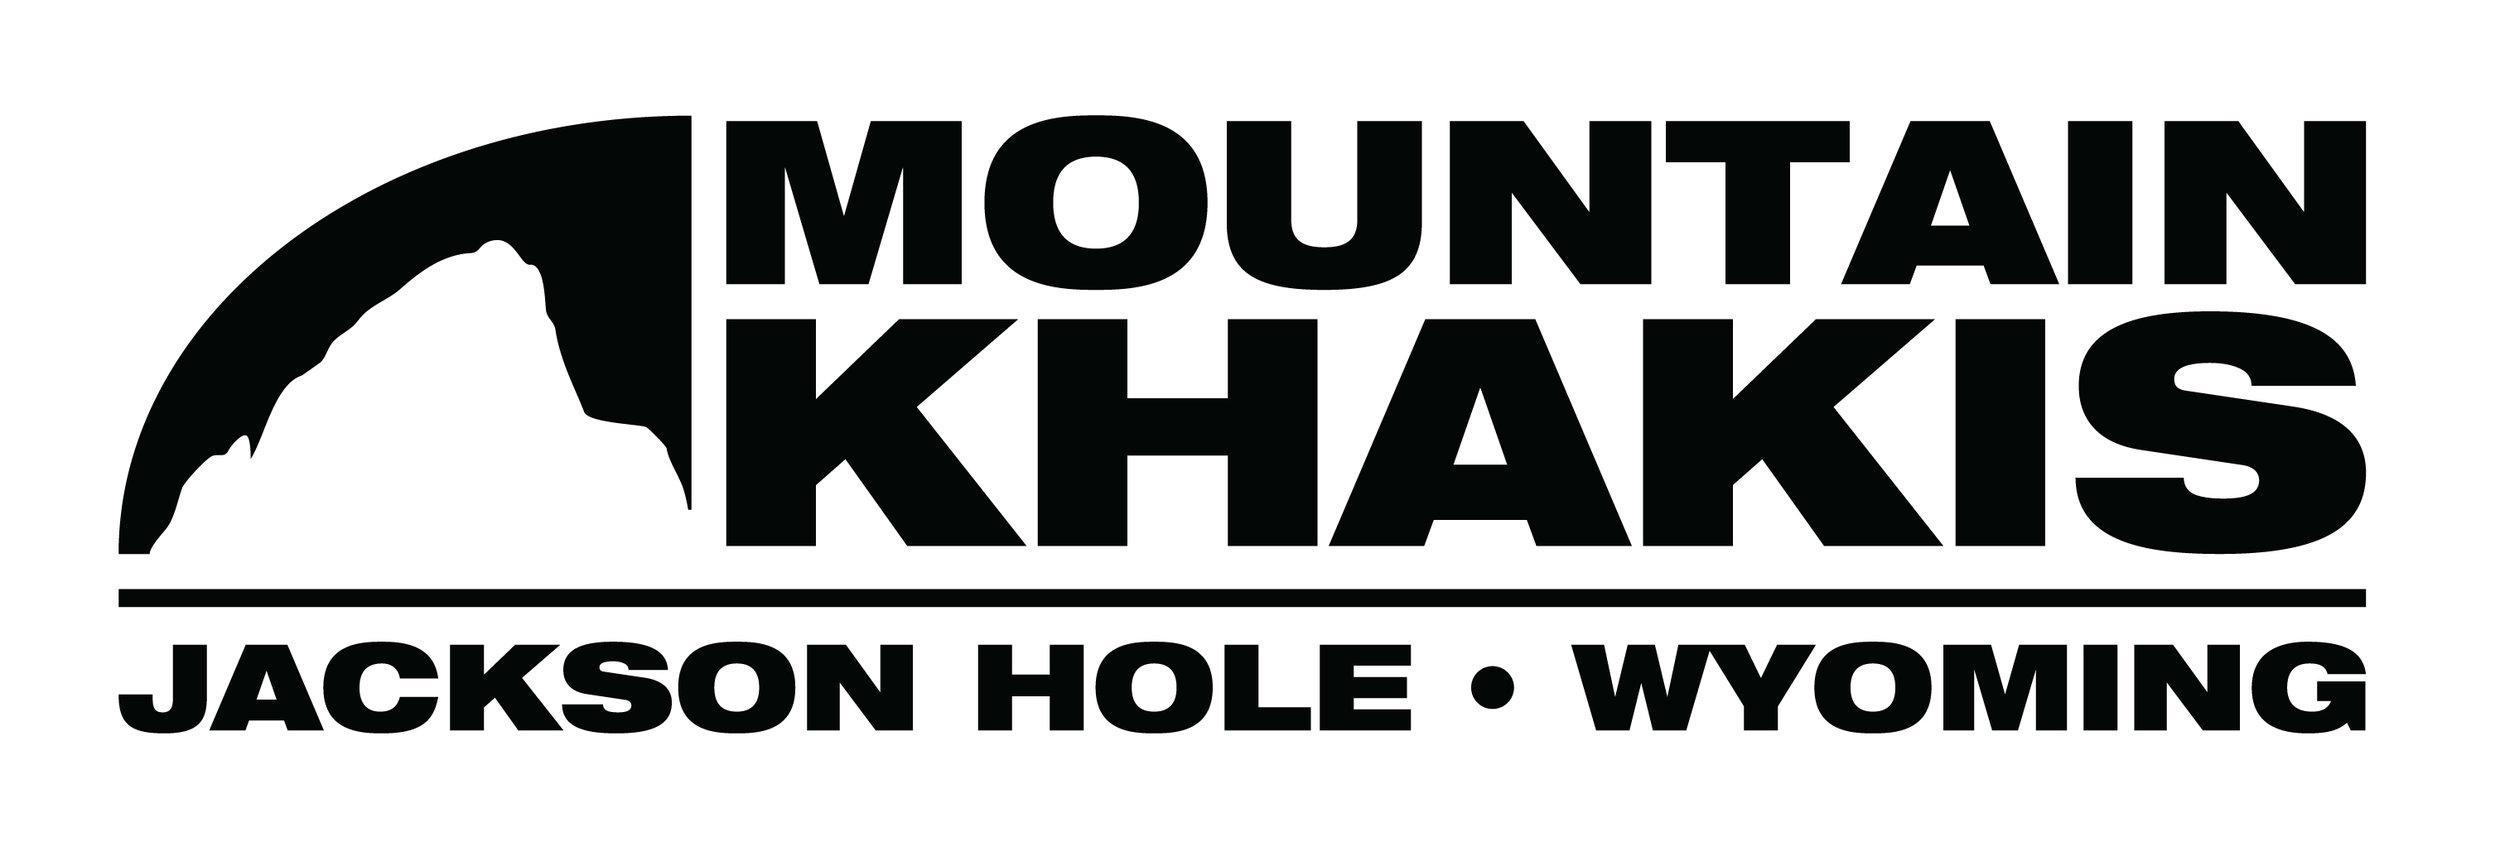 Mountain-Khakis-Logo.jpg